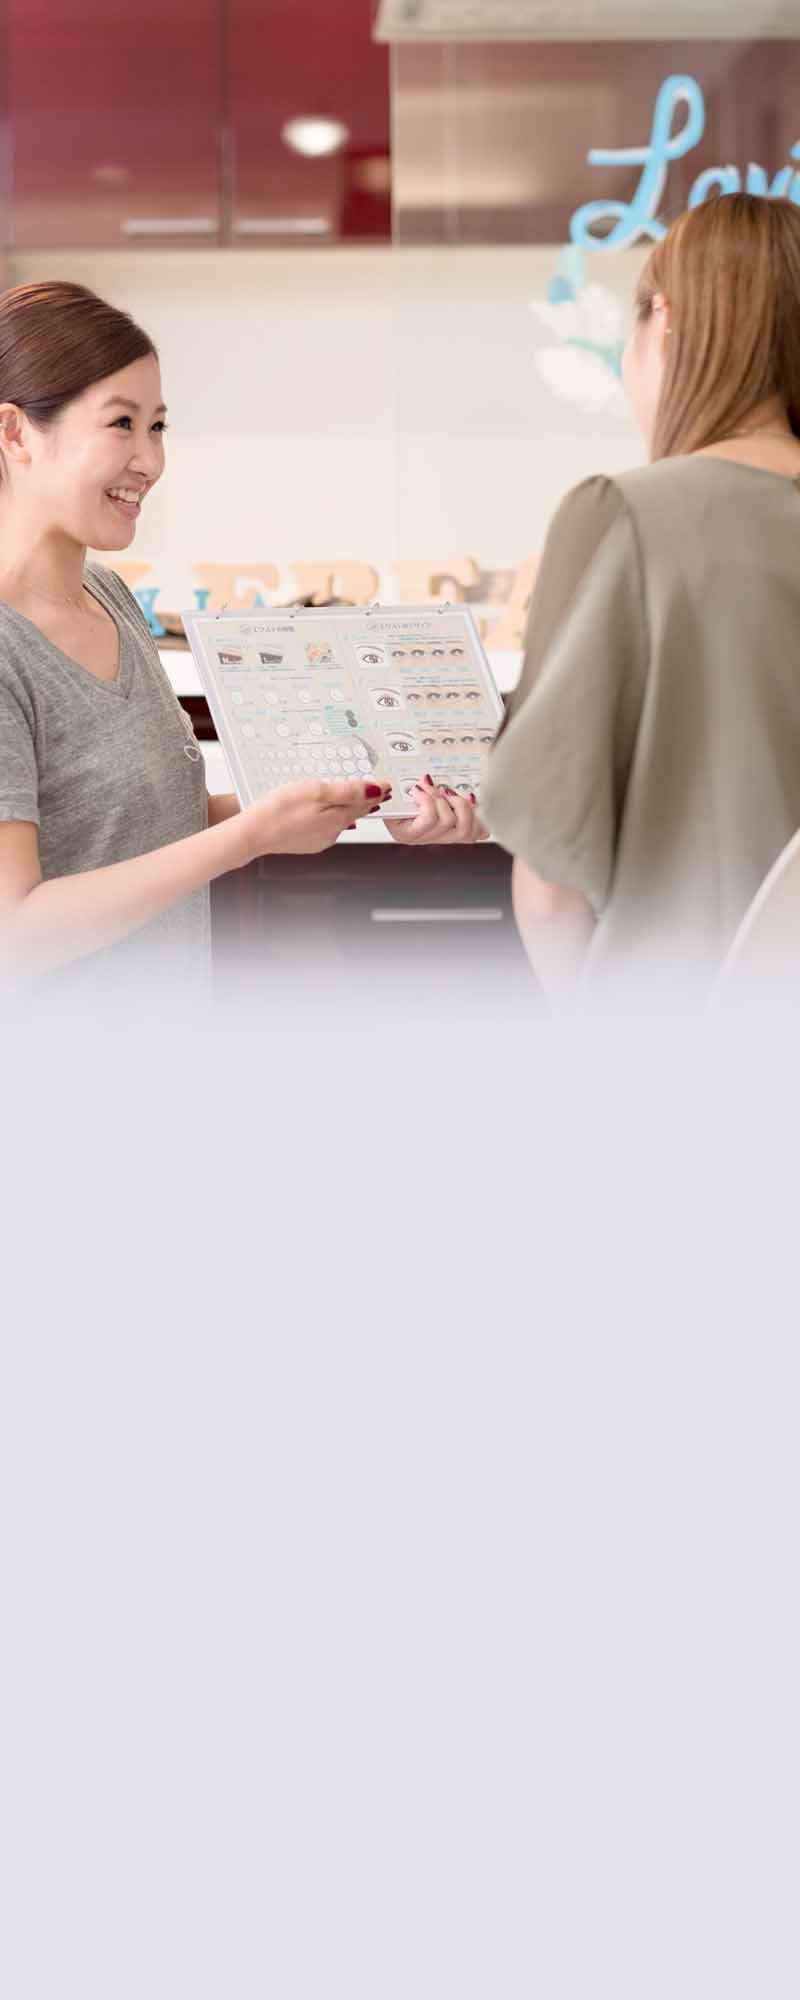 埼玉の川越・坂戸のマツエク専門サロン BeautyFreak(ビューティーフリーク)-イメージ1